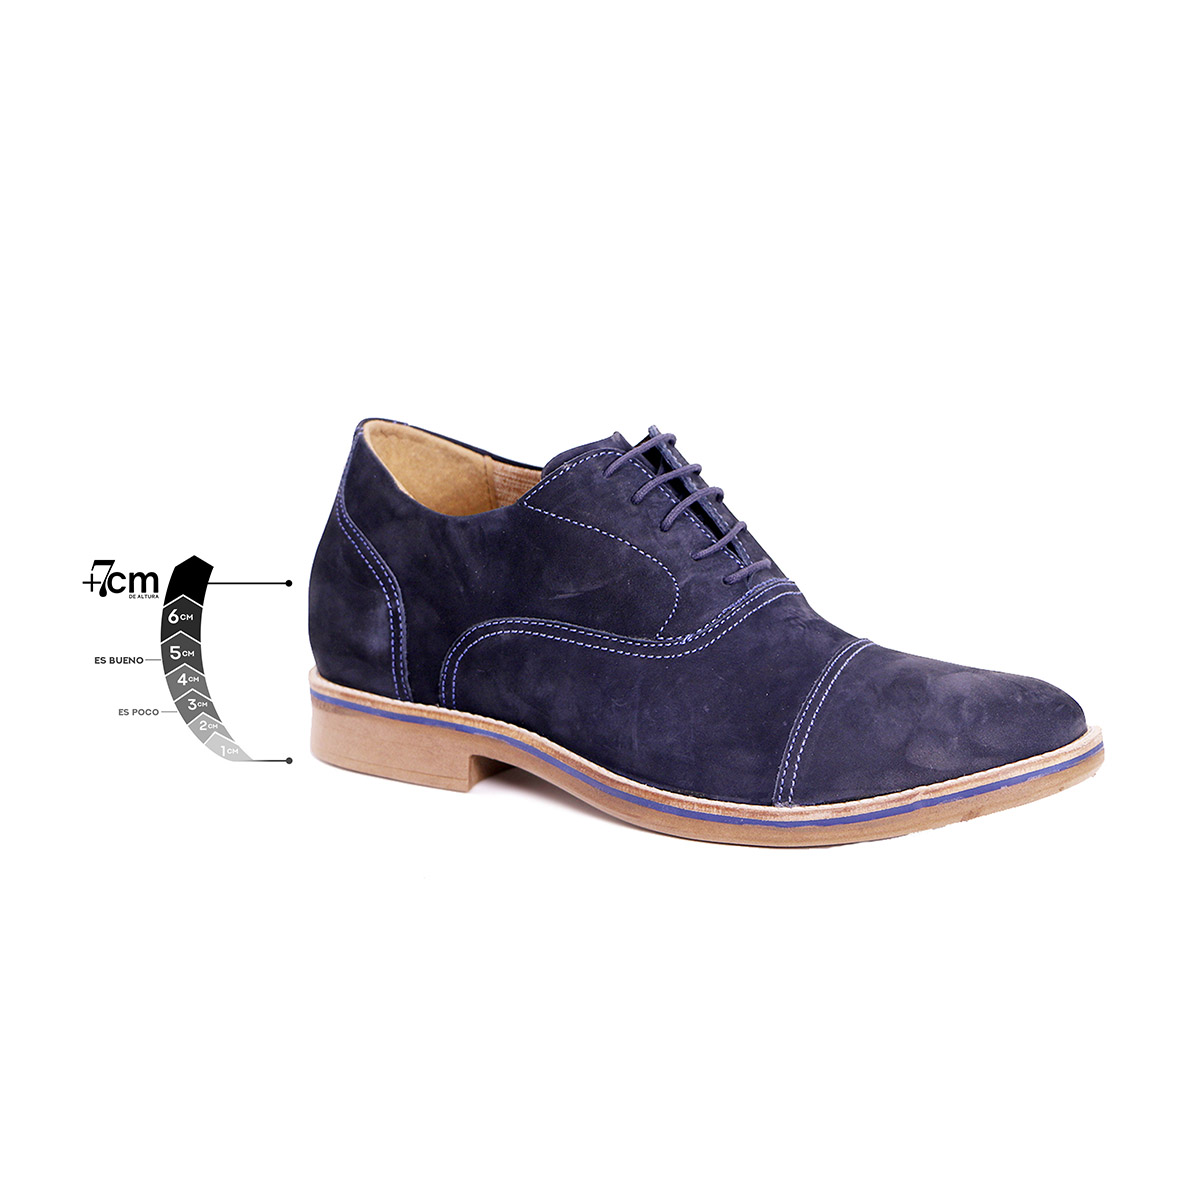 Zapato Casual Hippie Azul Max Denegri +7cms De Altura_75294